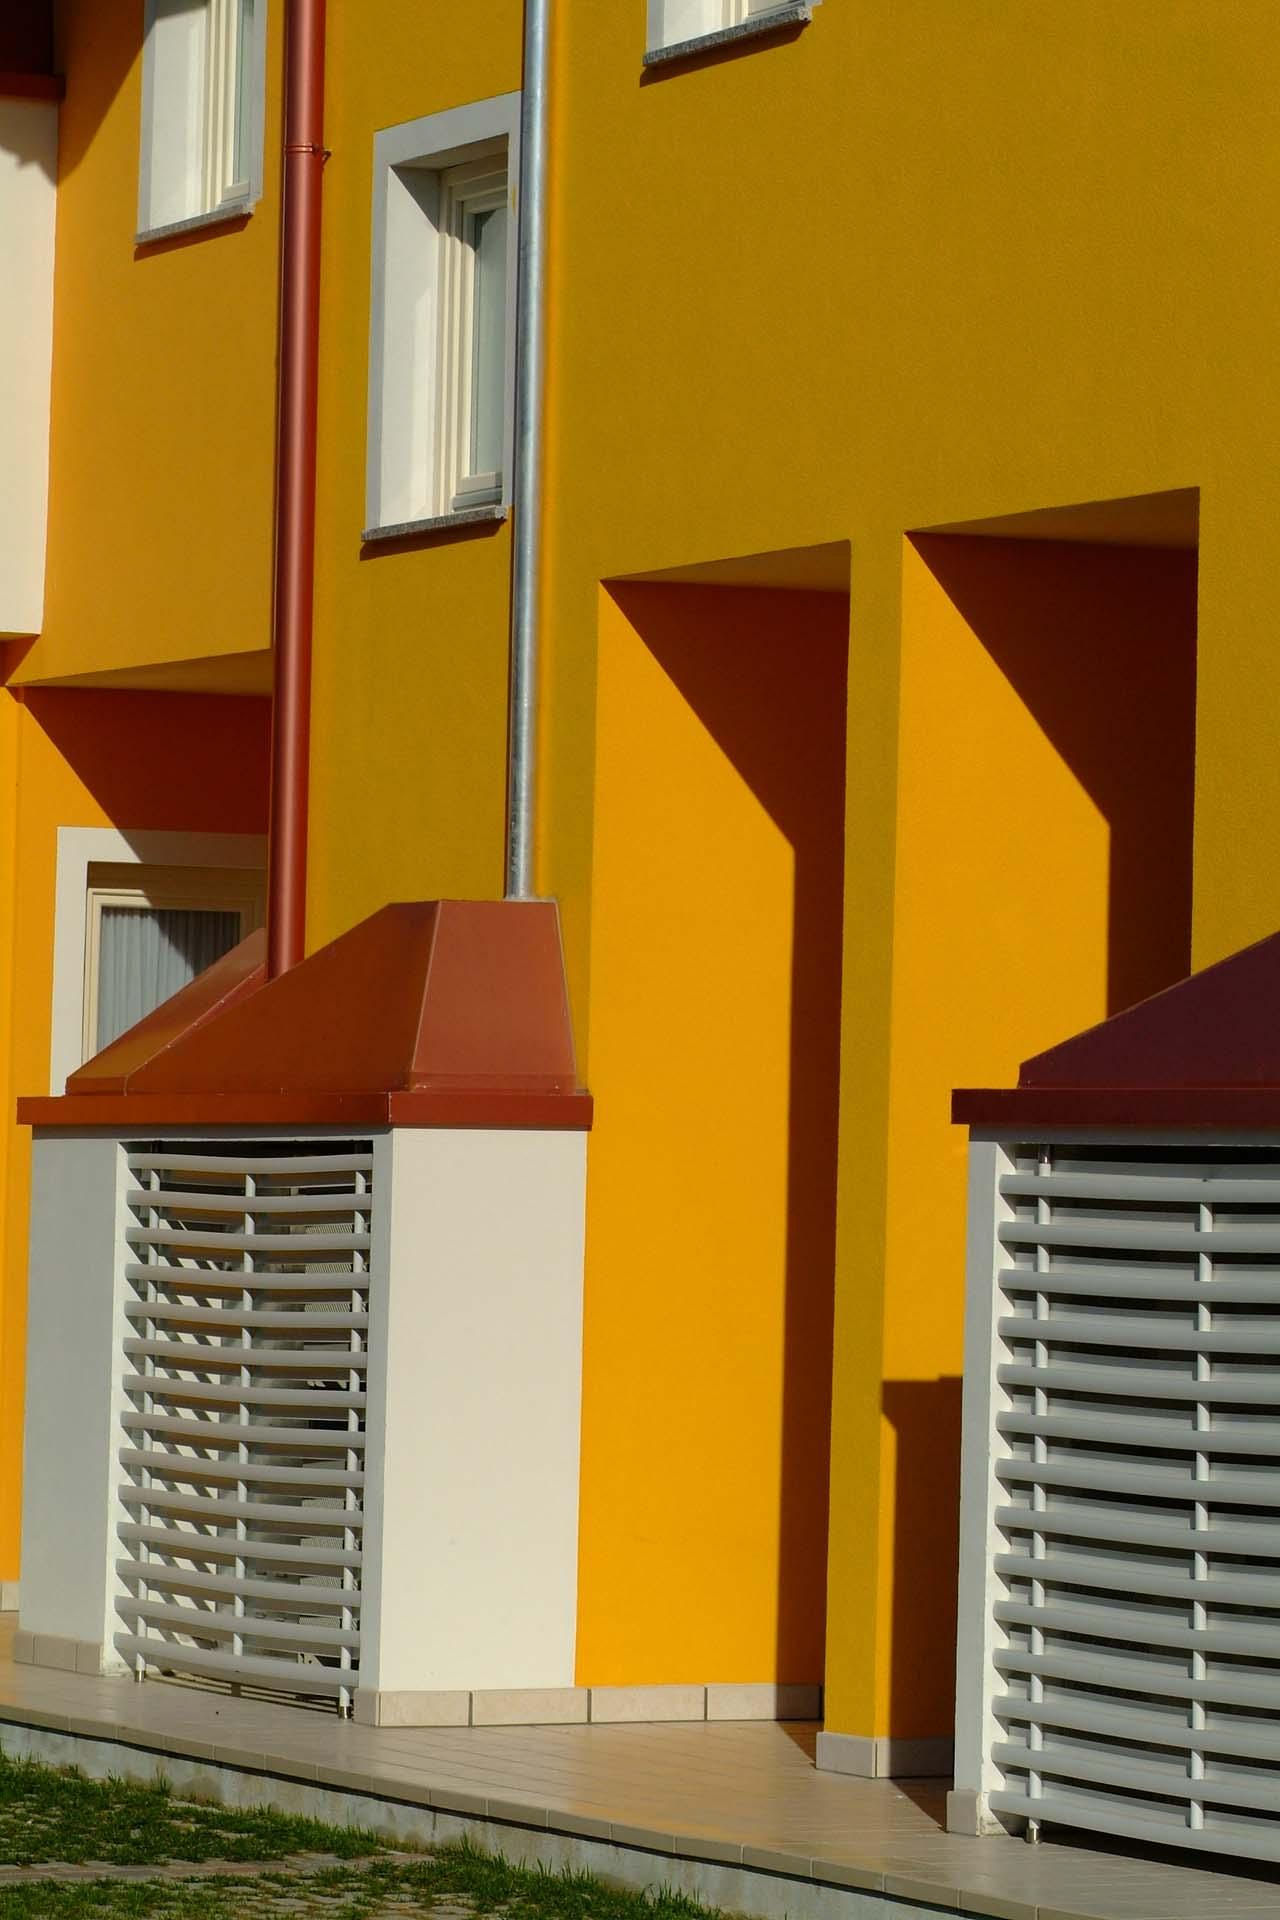 <b>Villaggio Cantiere Alta Velocità </b> Edifici di cantiere, residenziali e uffici